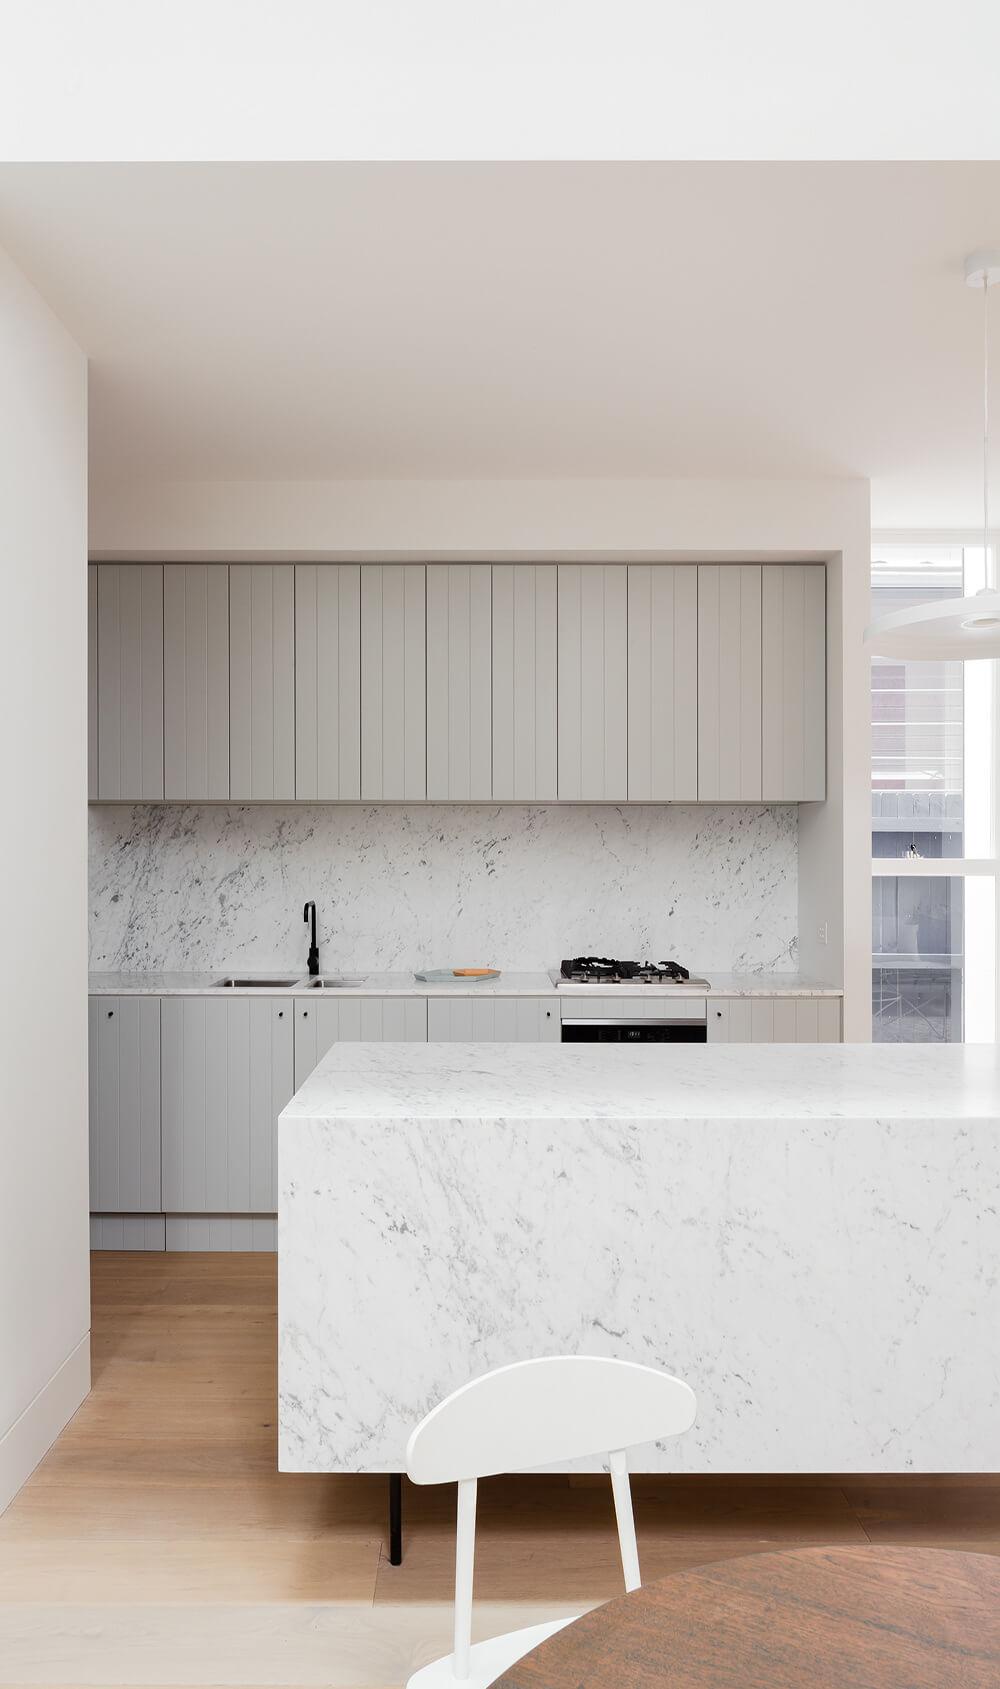 Cuisine avec un îlot central en marbre et meubles en bois gris